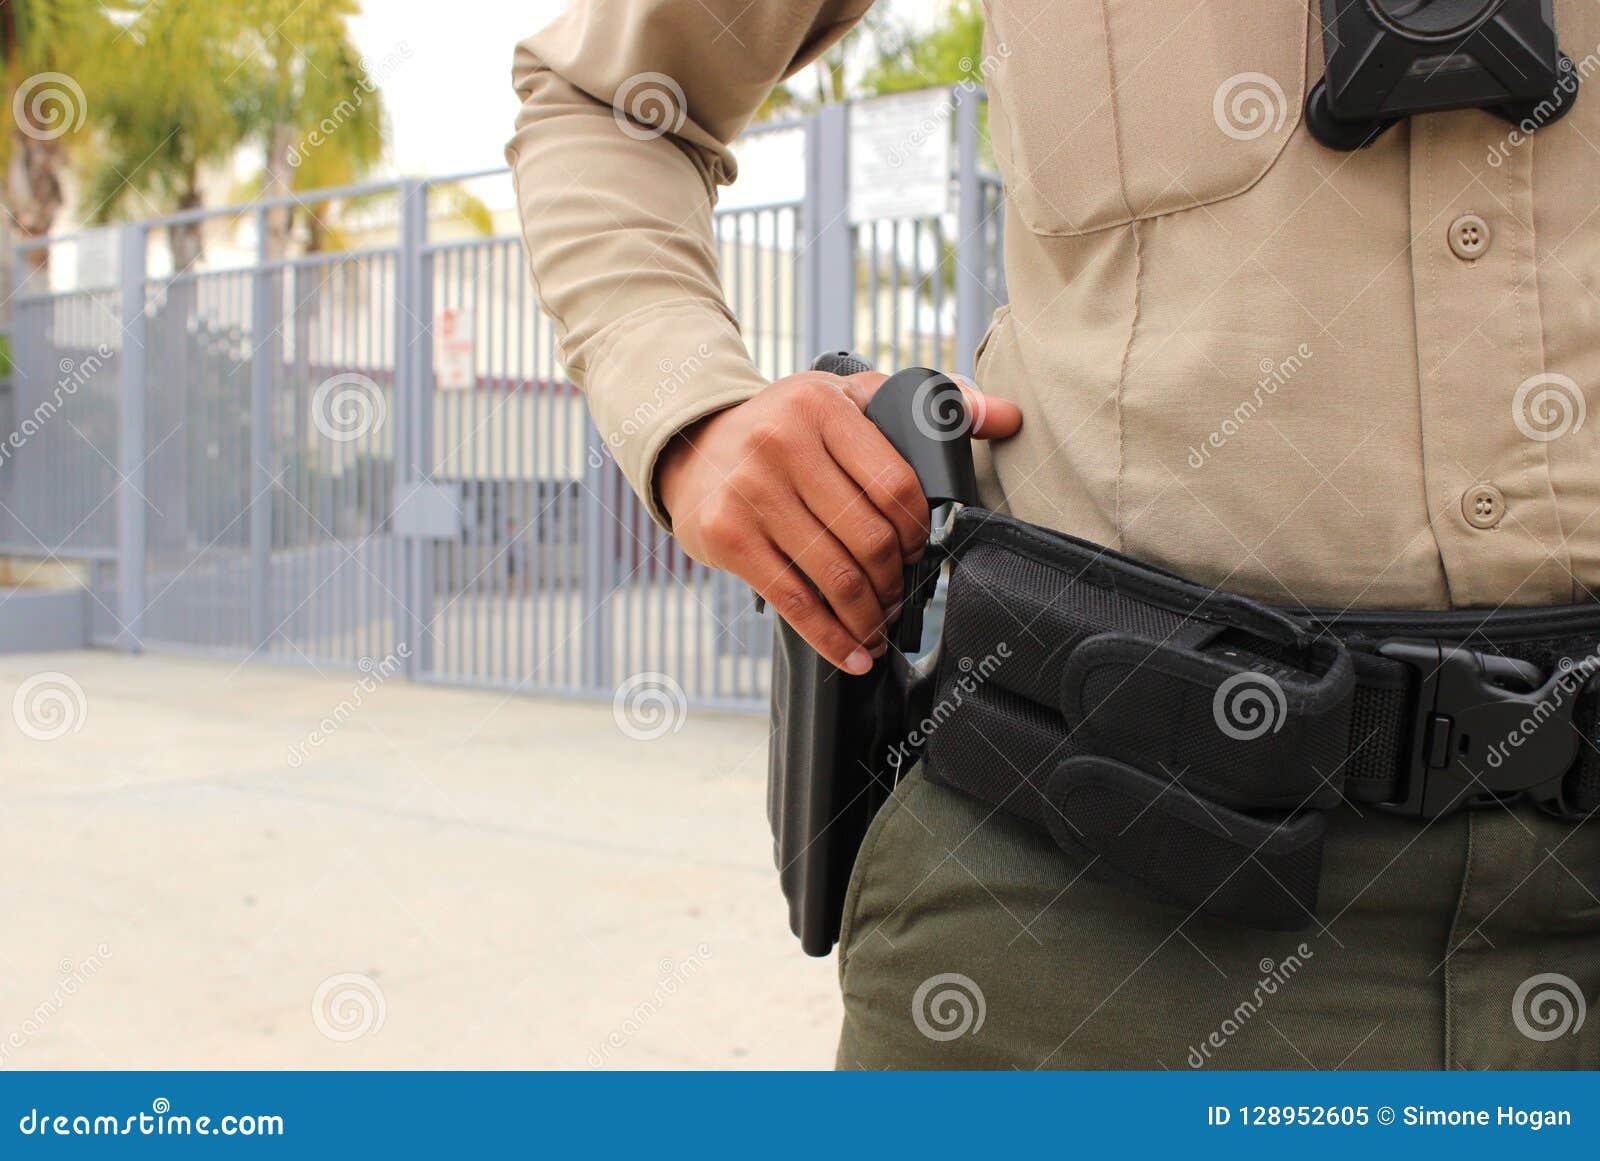 Funkcjonariusza policji chronienia szkoły średniej kampus